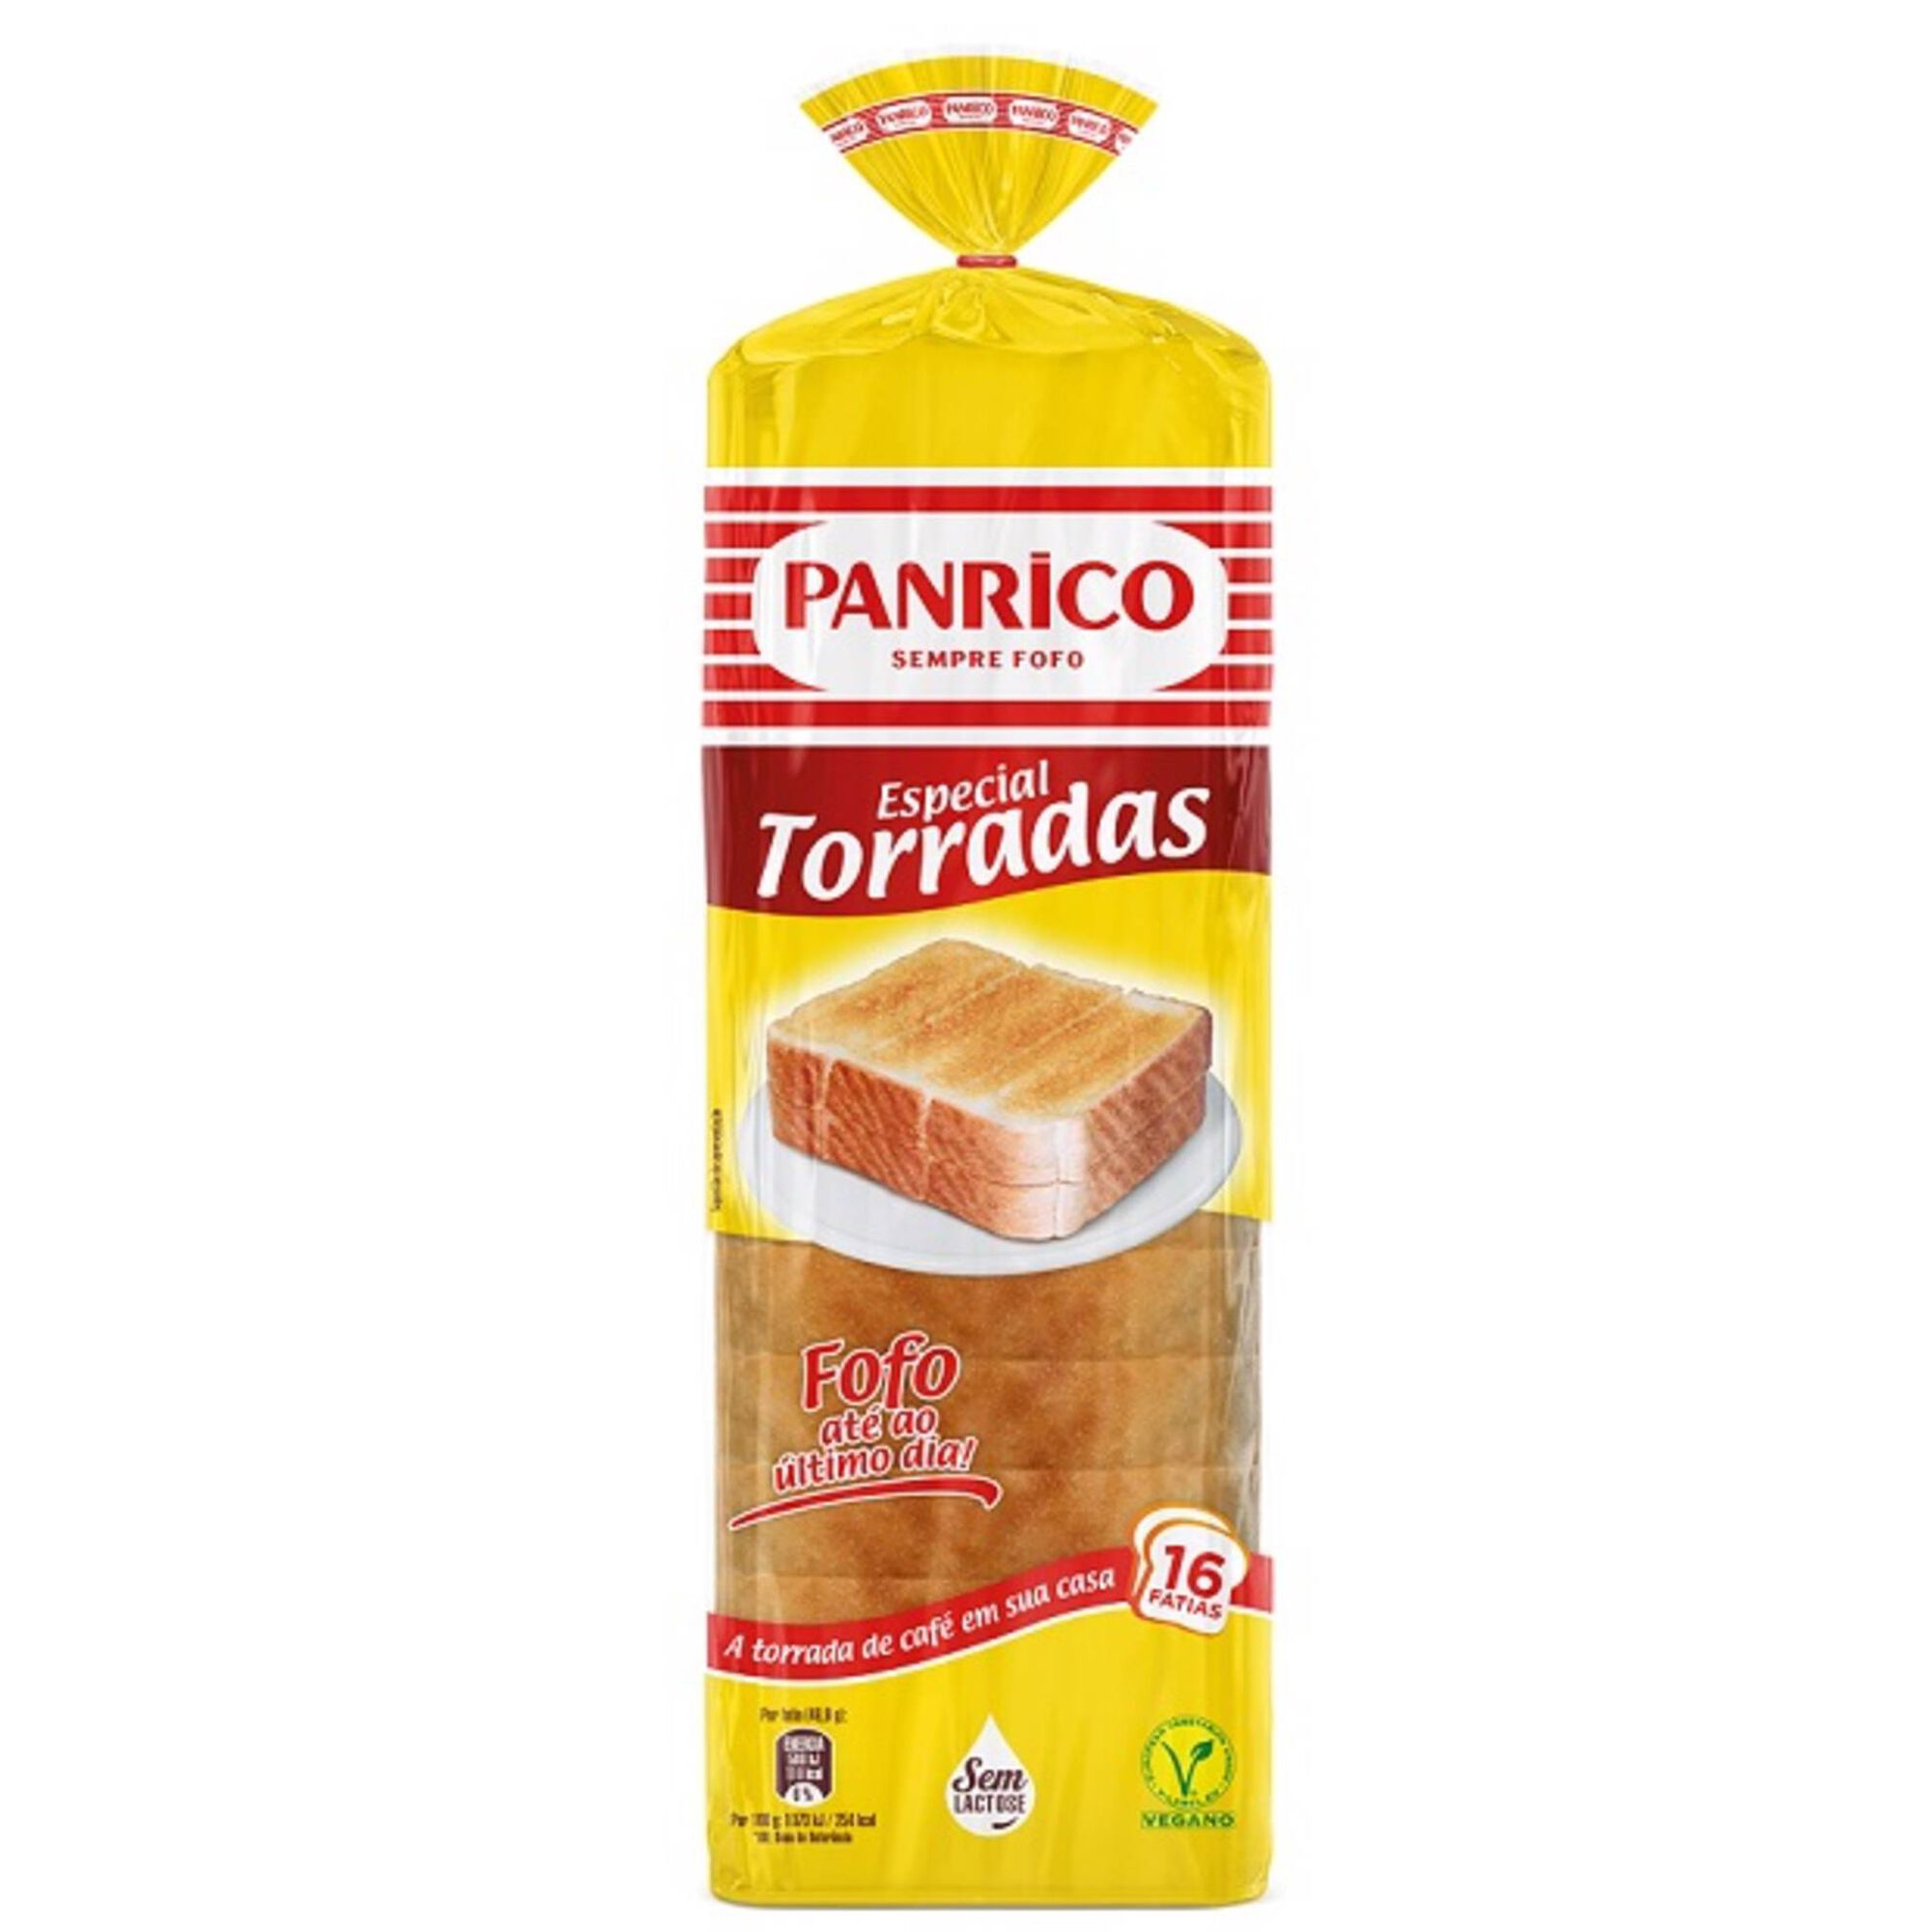 Pão de Forma com Côdea  Especial Torradas